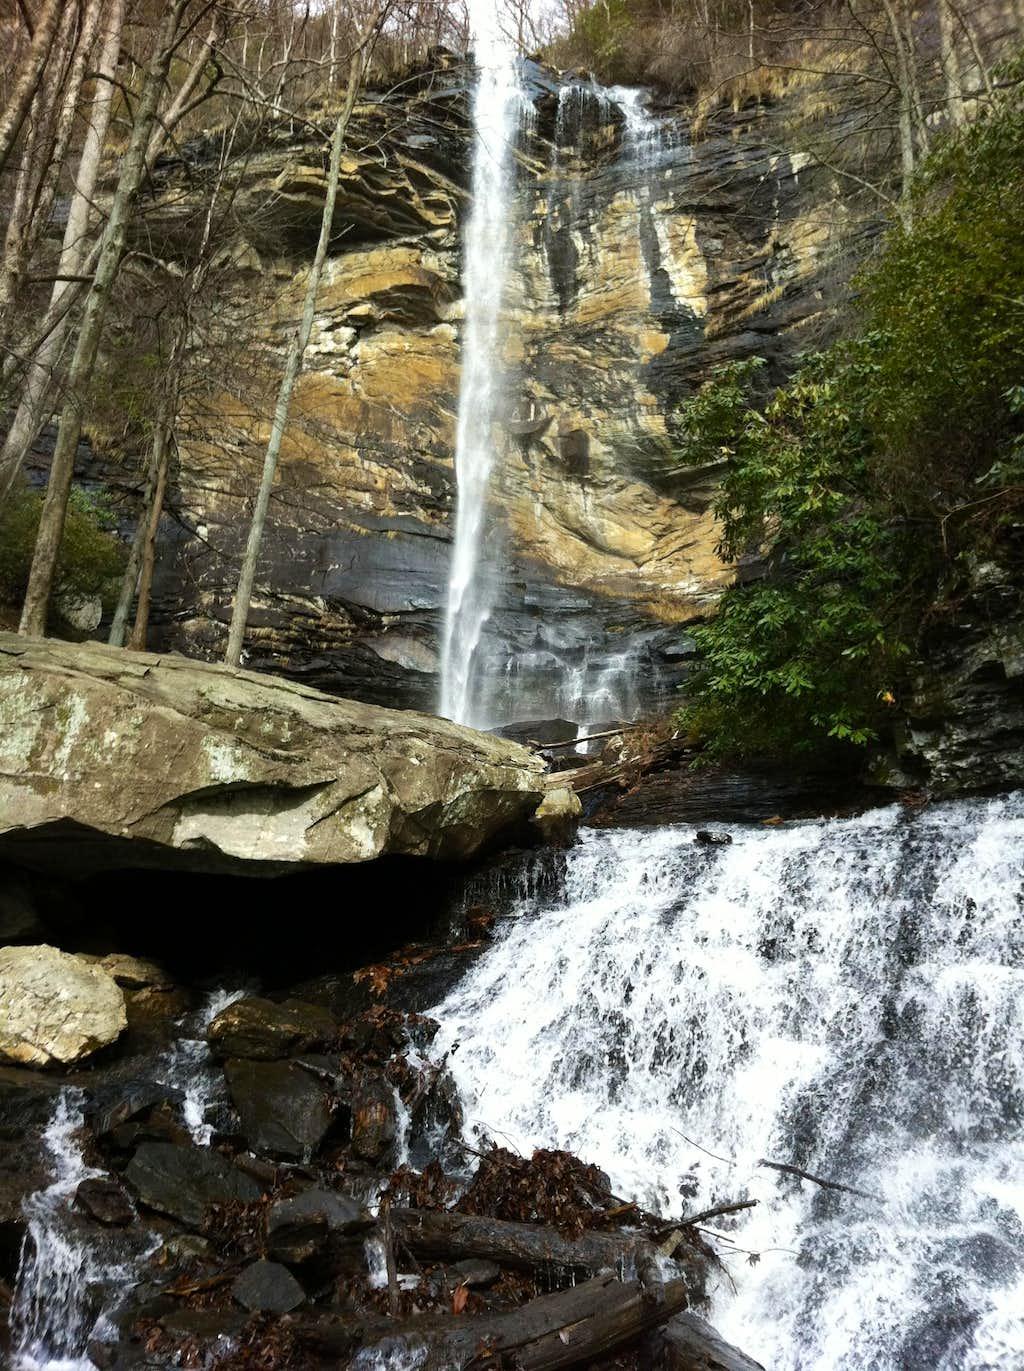 RF -- The Falls